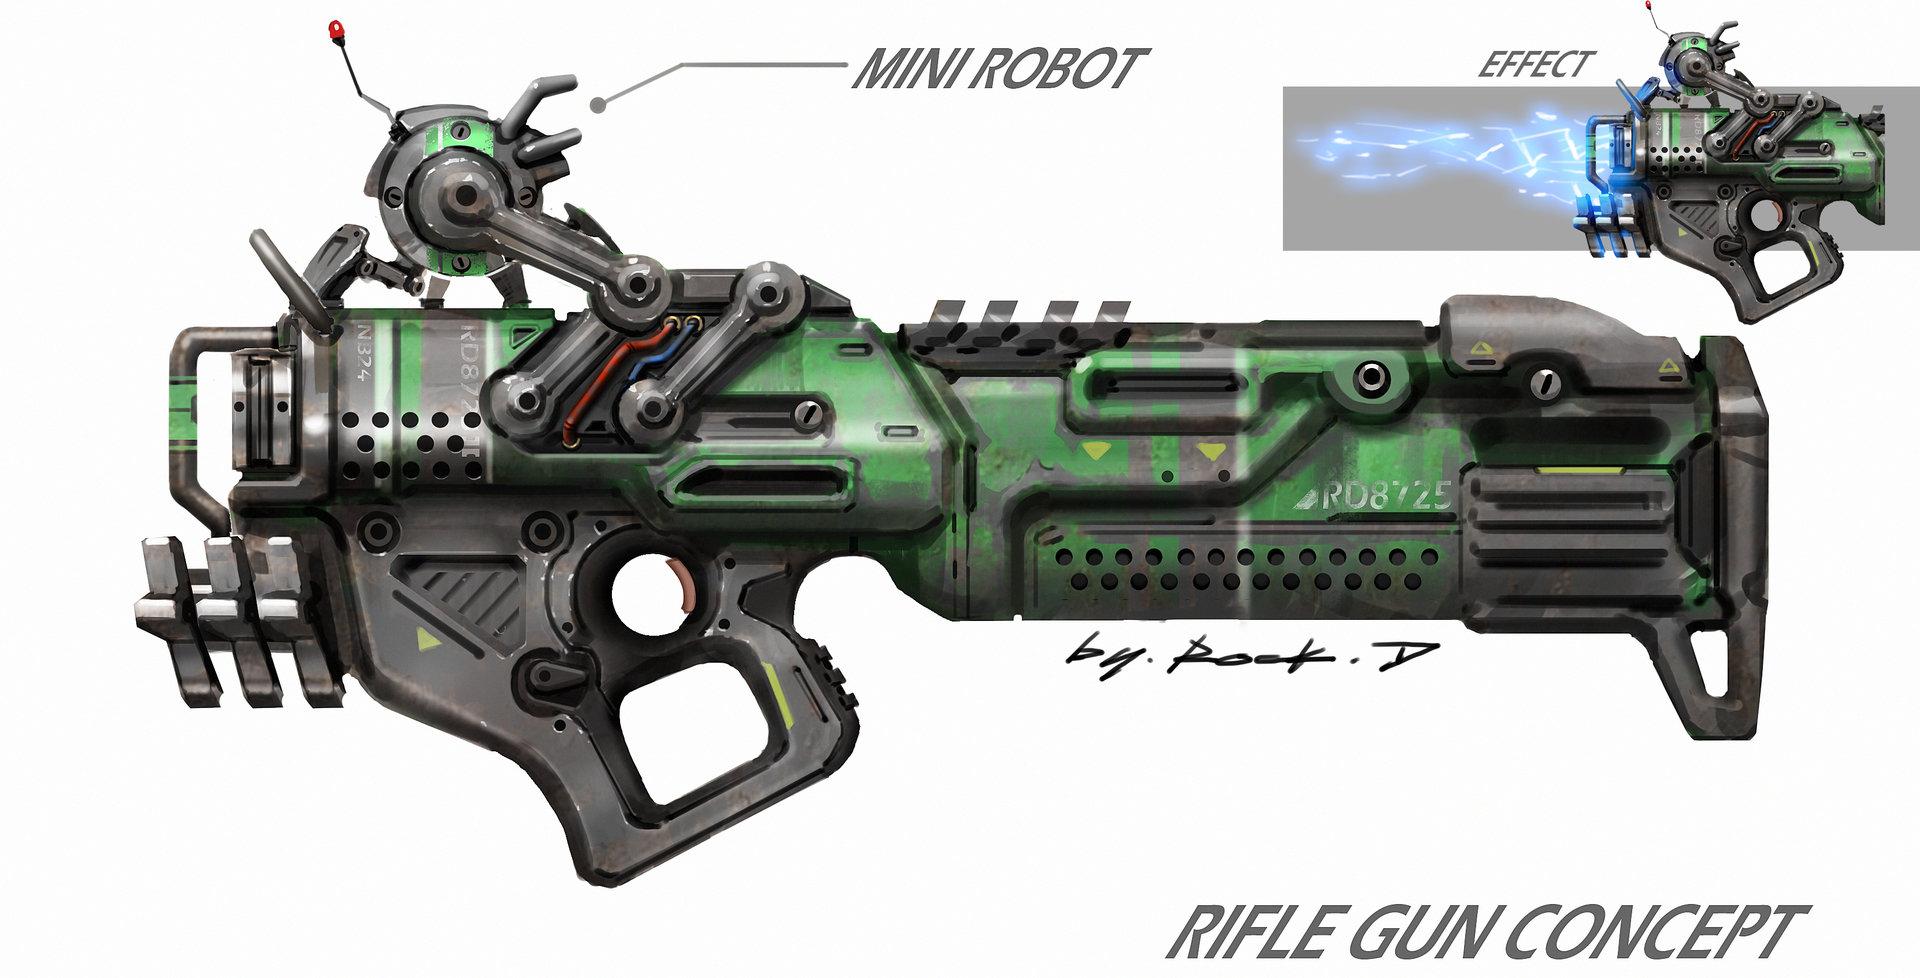 Rock d gun89